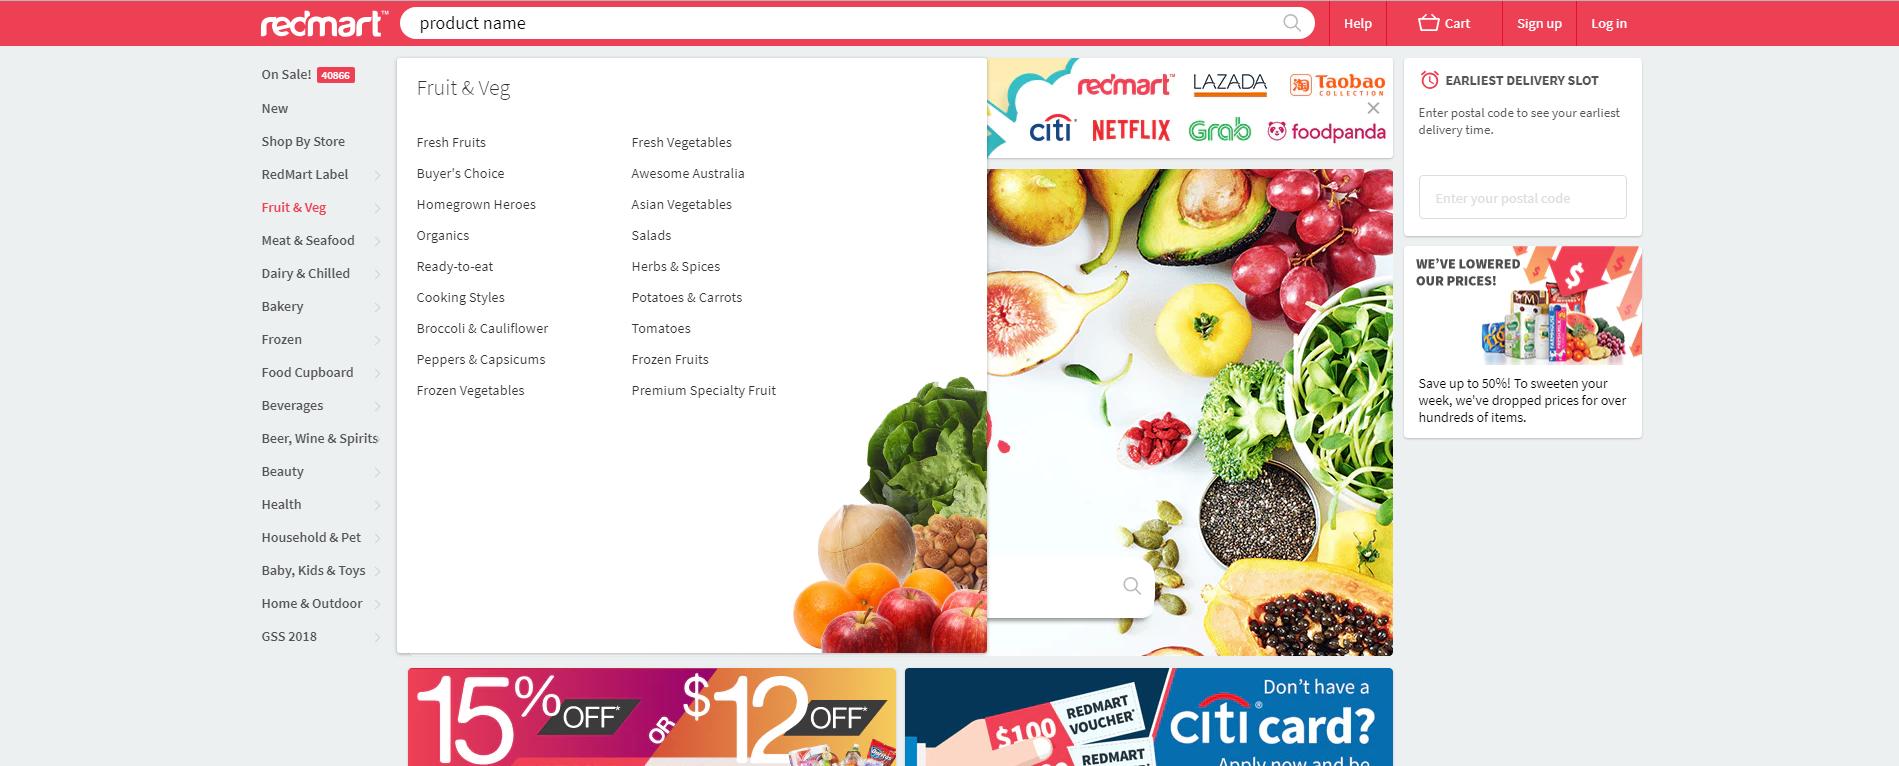 Redmart Categories